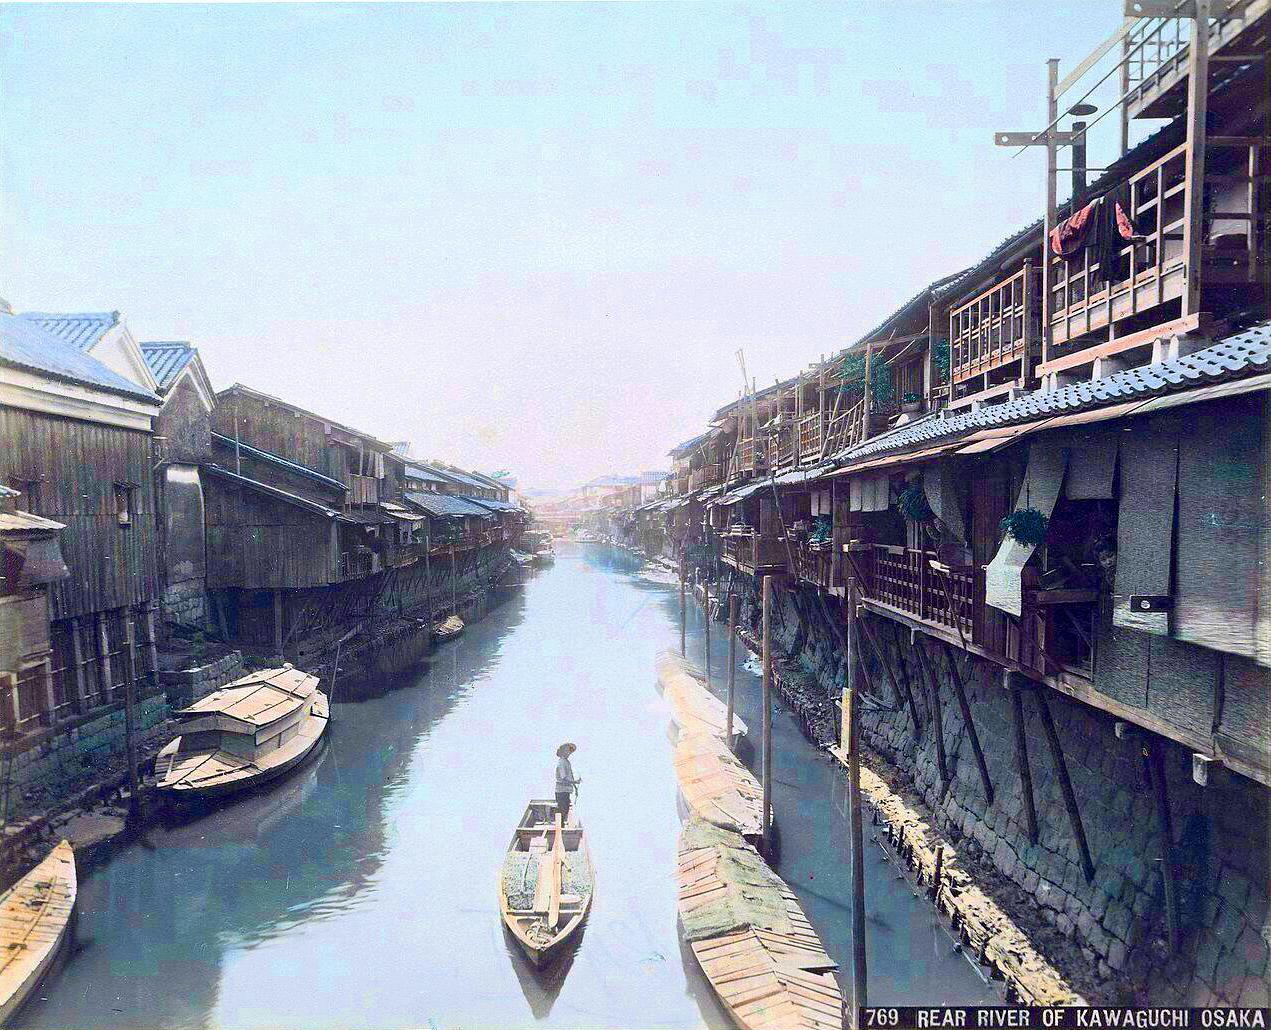 1870 Rear River of Kawaguchi, Osaka.jpg